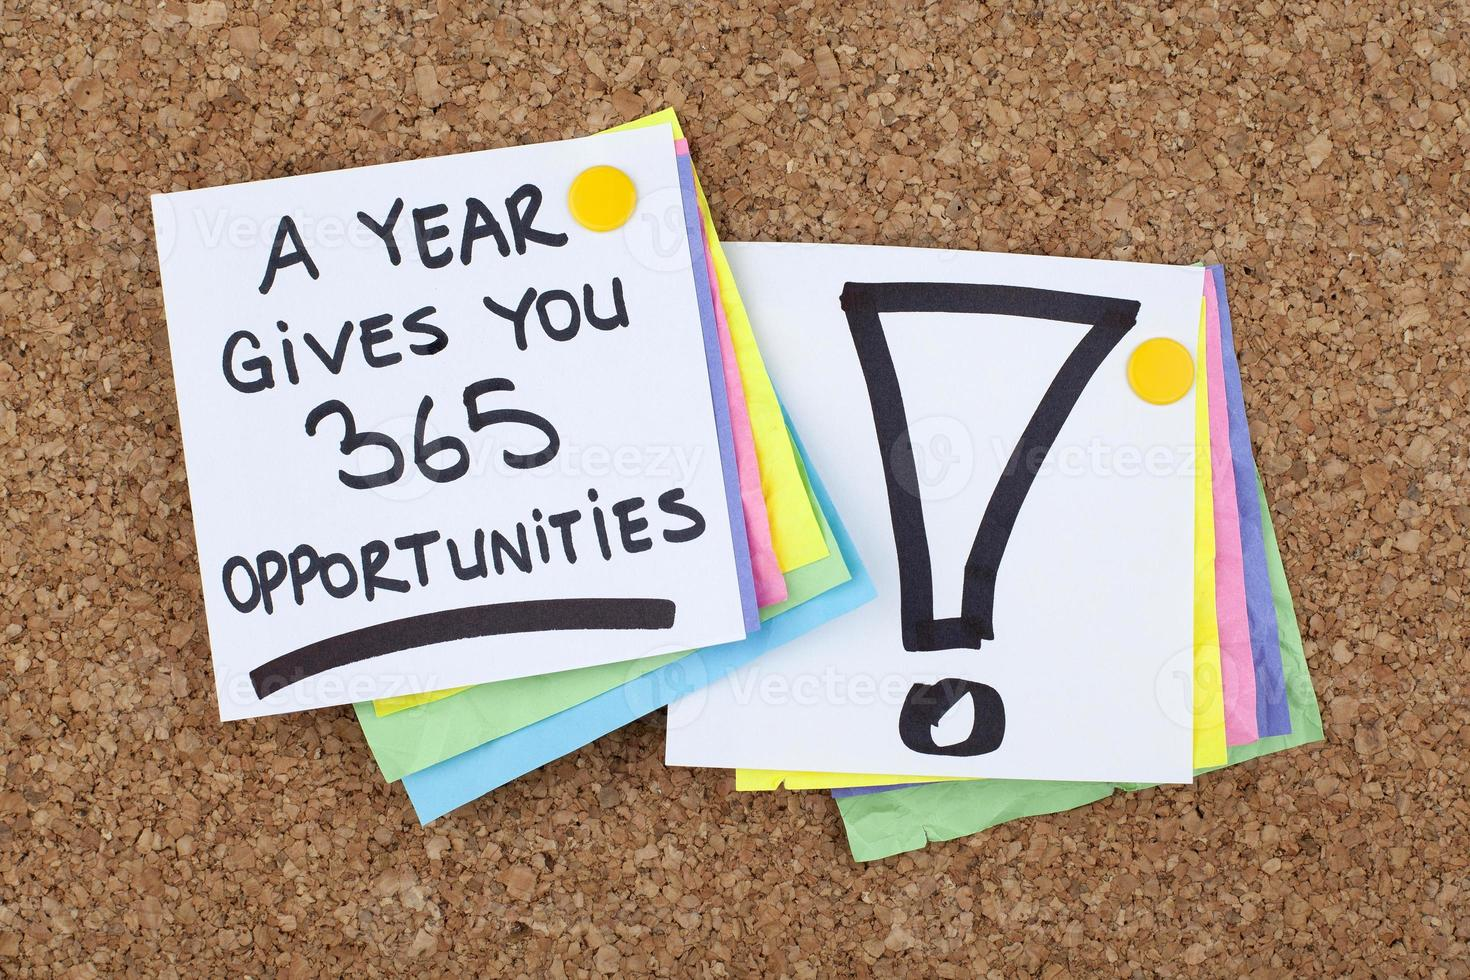 ett år ger dig 365 möjligheter foto